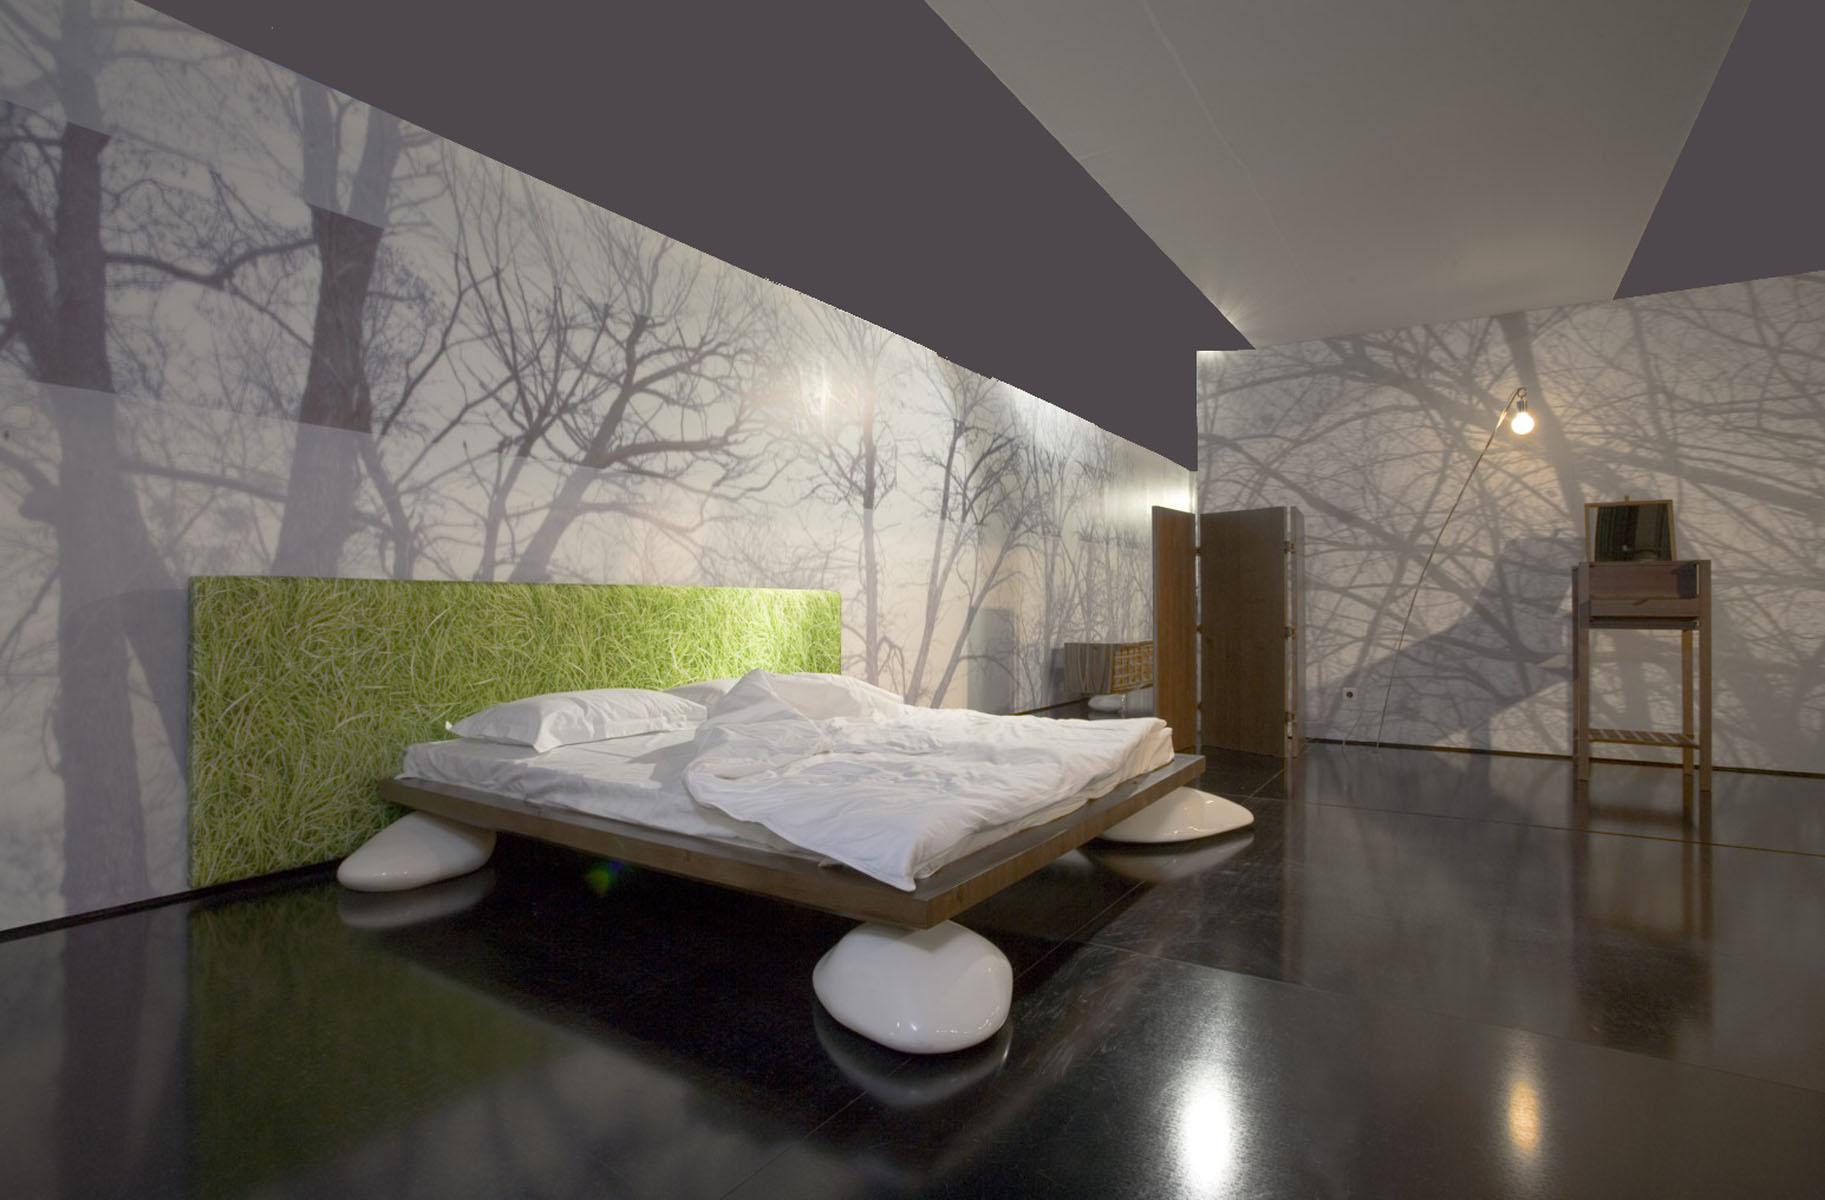 кровать на камнях